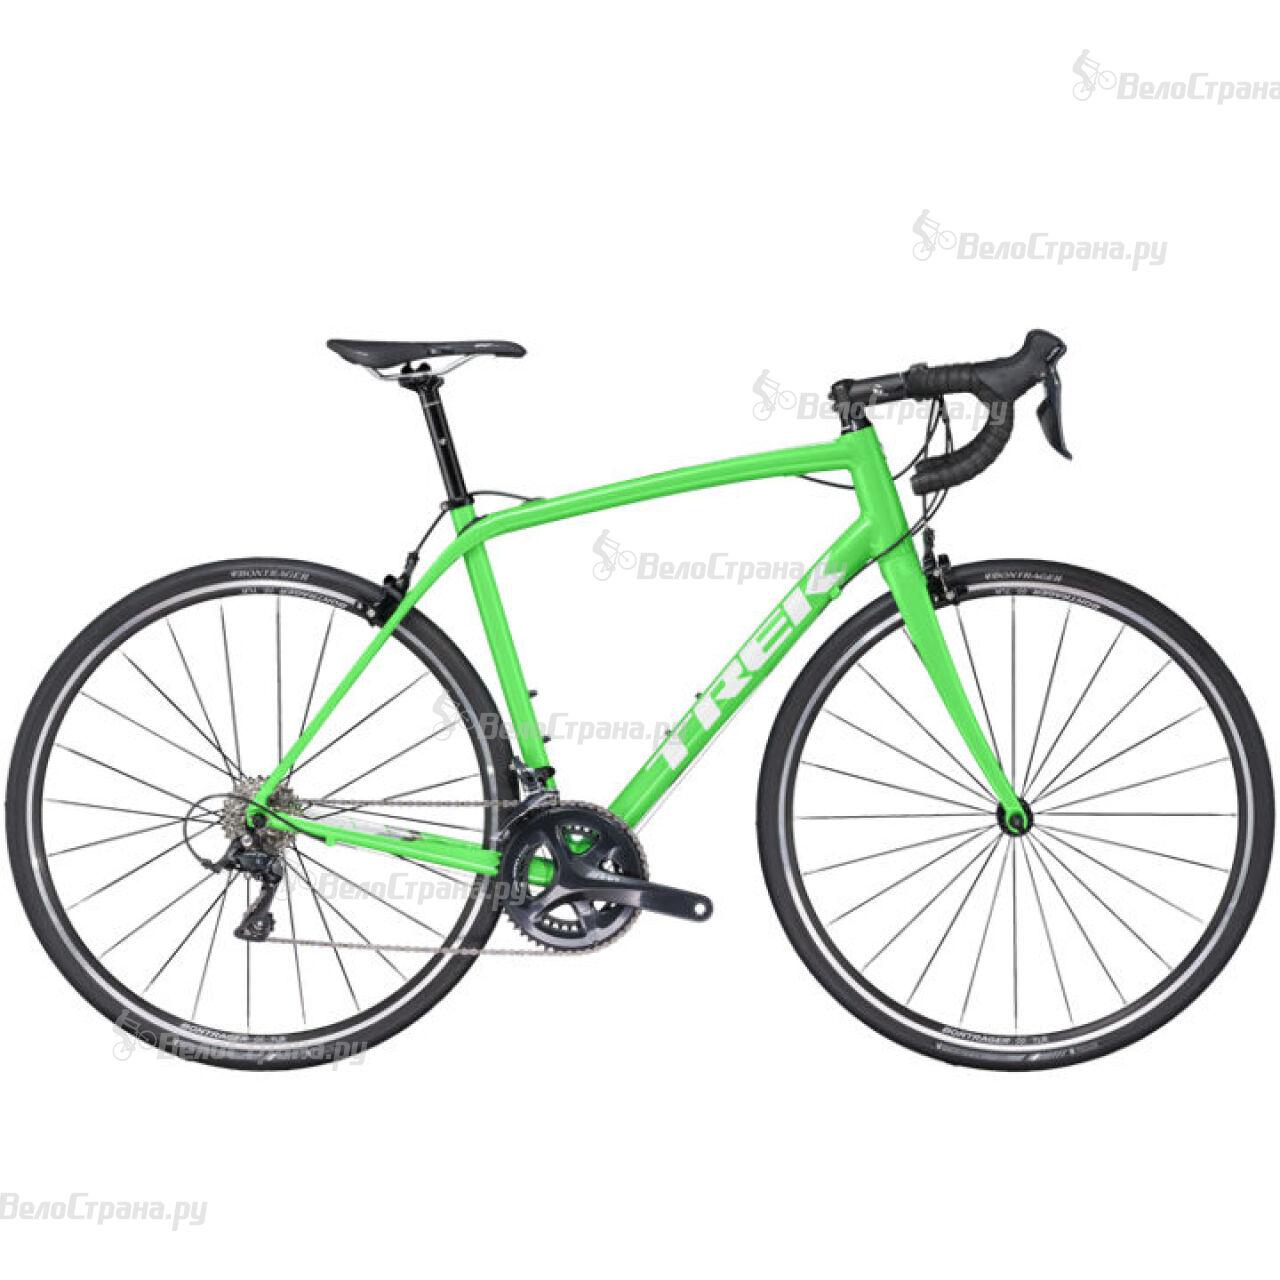 Велосипед Trek Domane ALR 3 (2017) велосипед trek domane alr 4 disc 2017